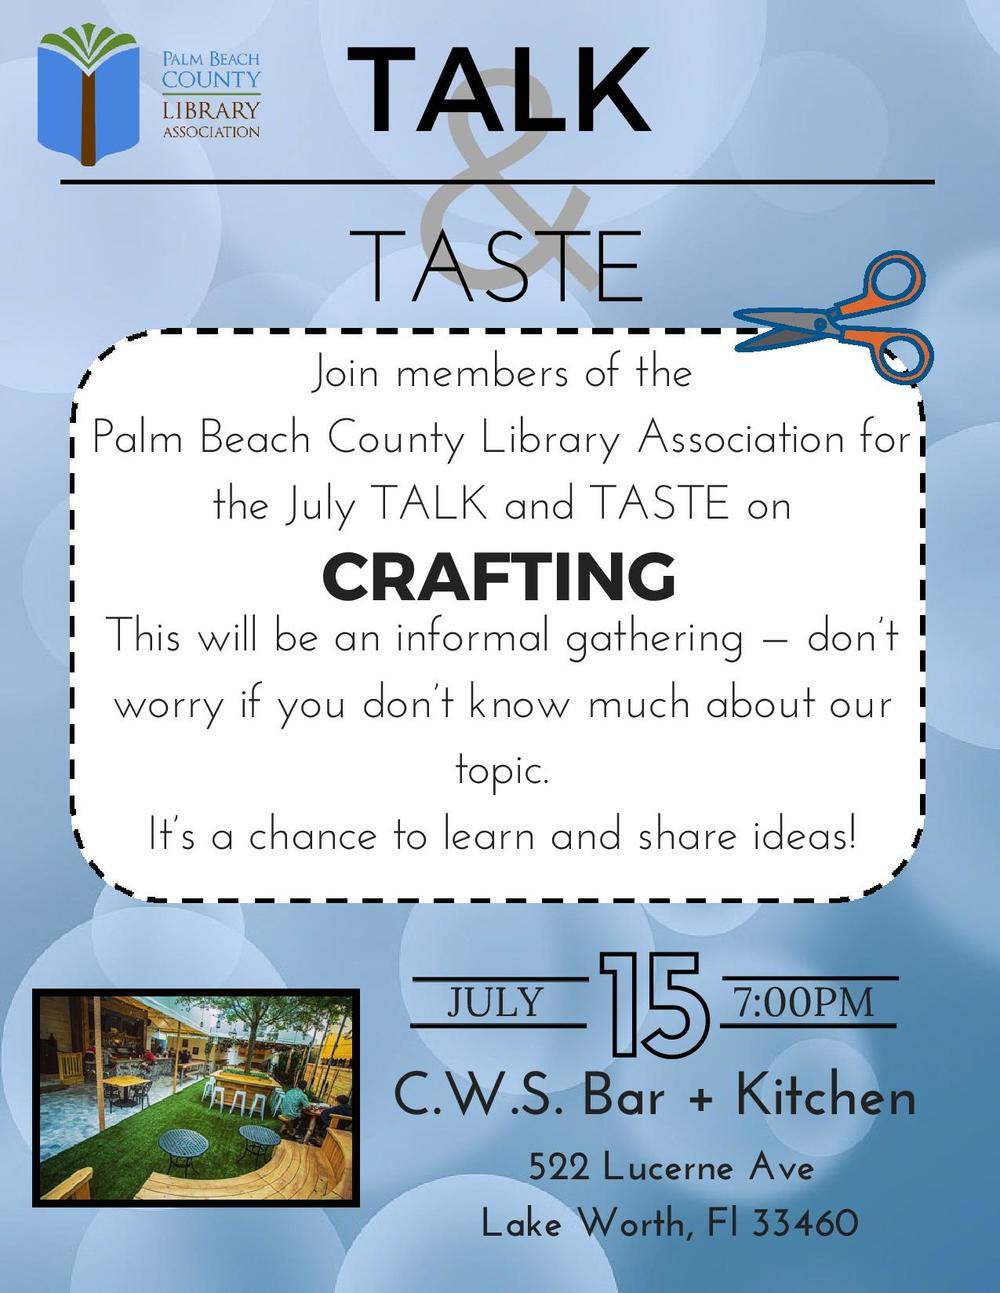 JulyTalk&Taste-page-001.jpg